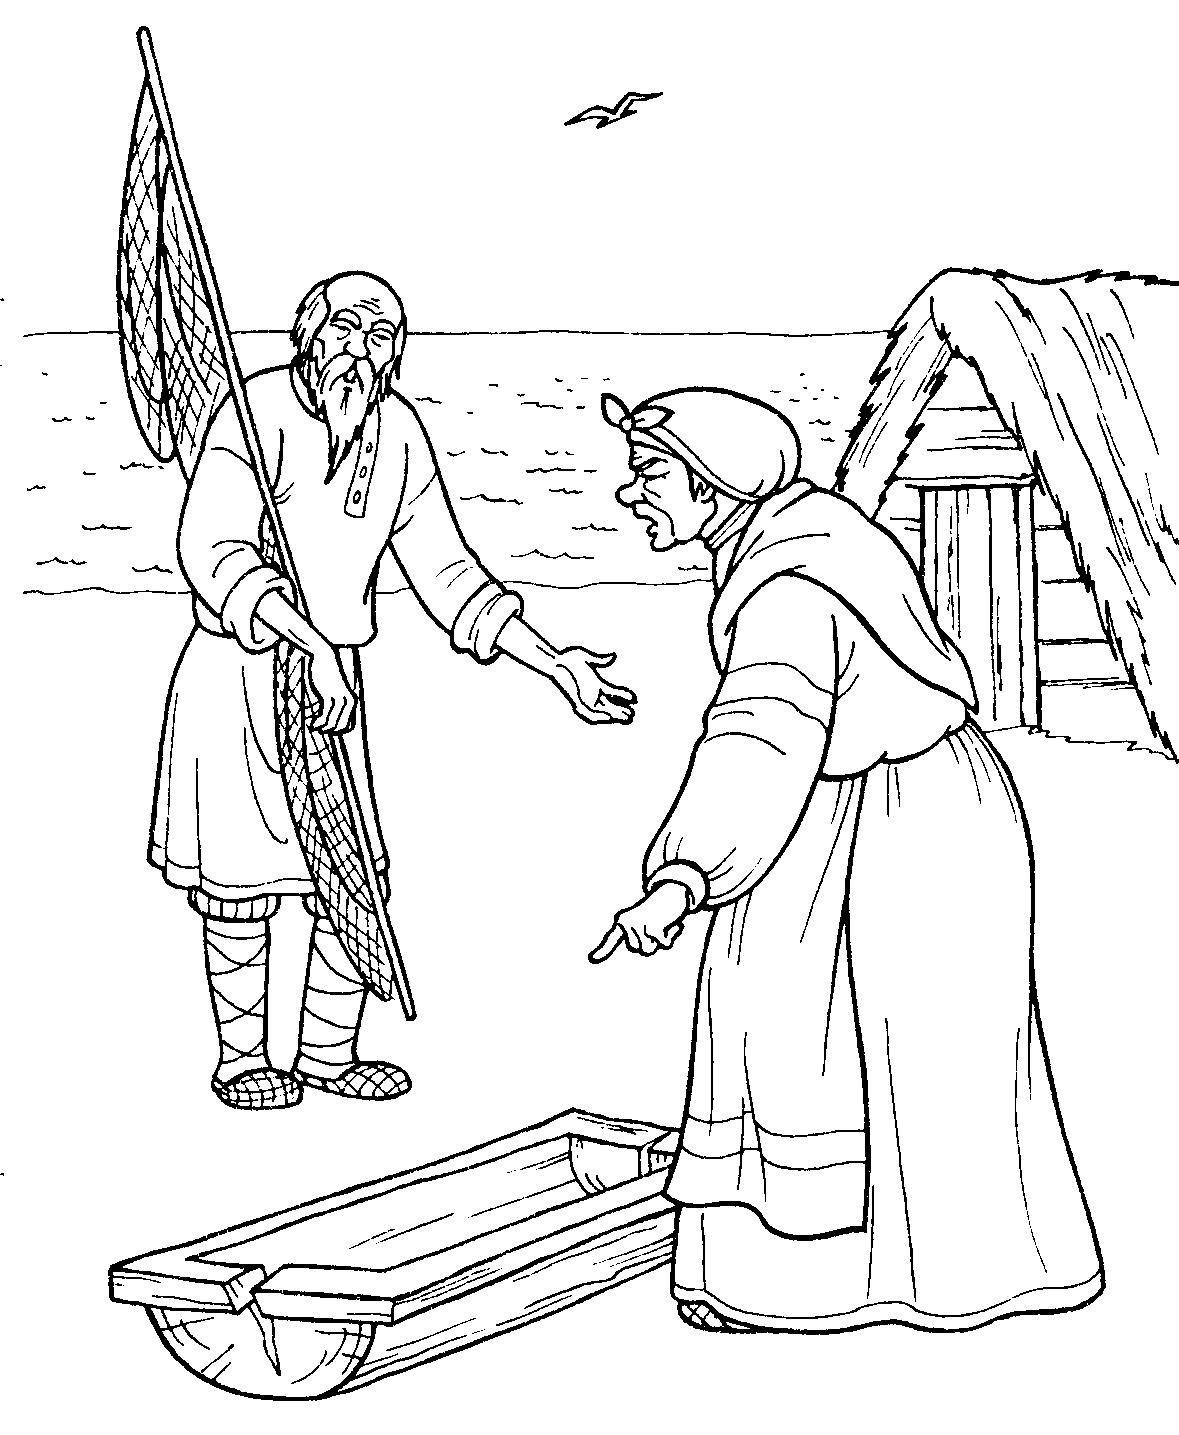 Рыбак и старуха с корытом - раскраска №524 | Printonic.ru